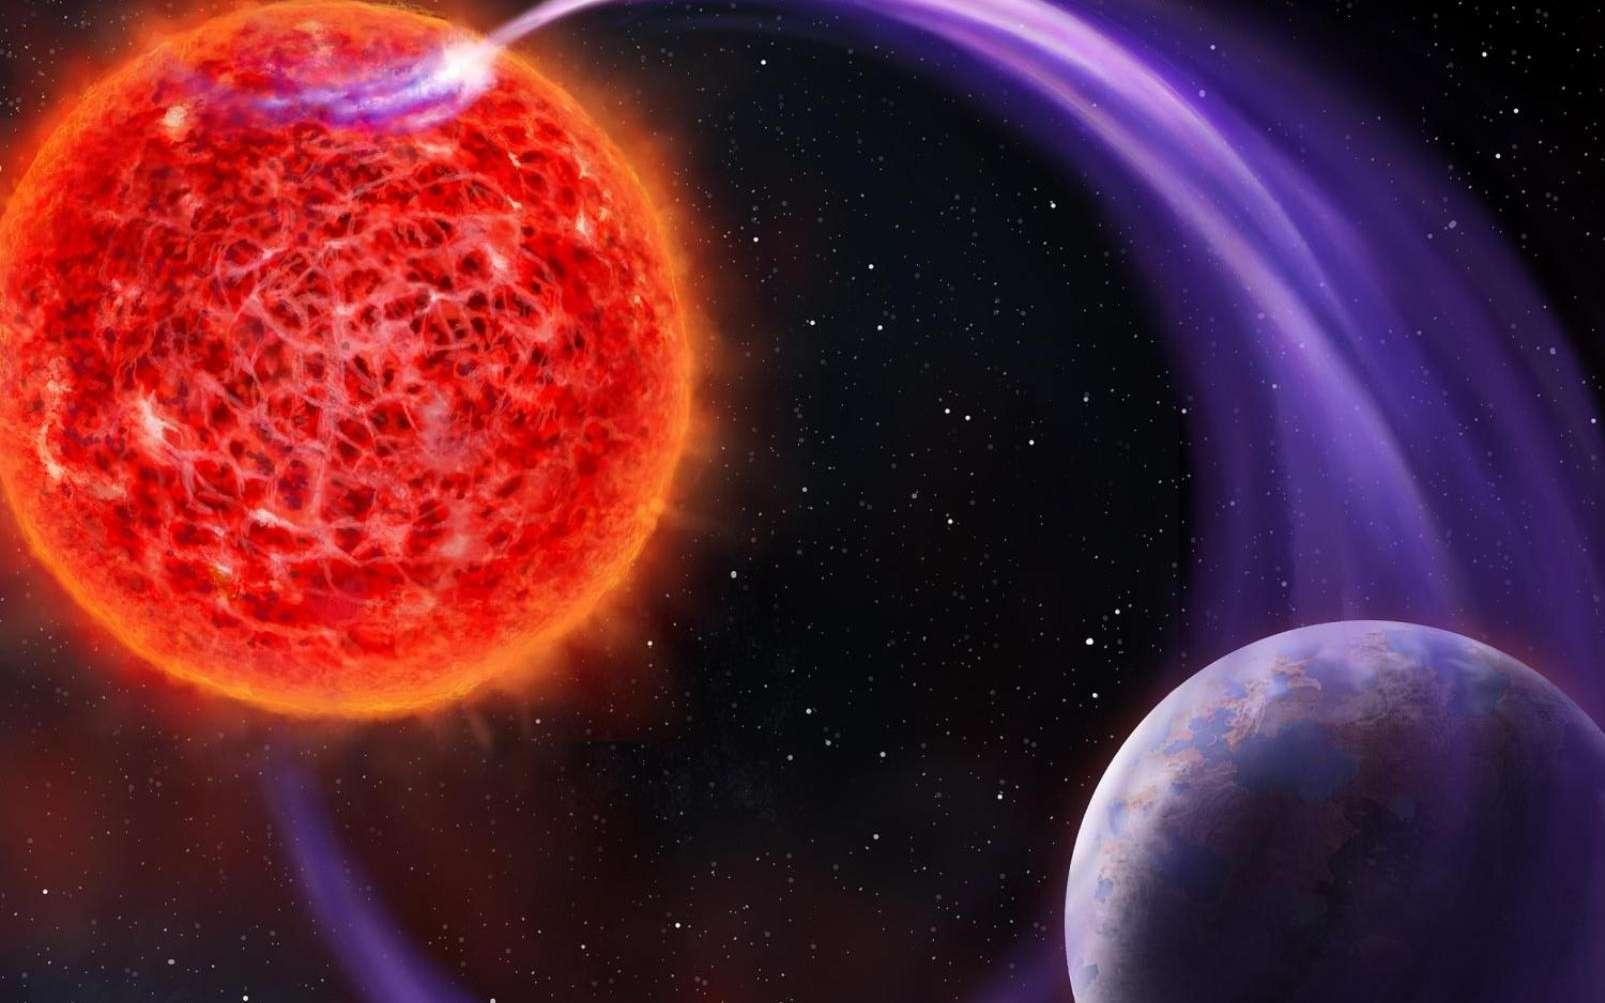 Une vue d'artiste des interactions magnétiques conduisant à des émissions aurorales entre une naine rouge et une exoplanète. © AstronNL